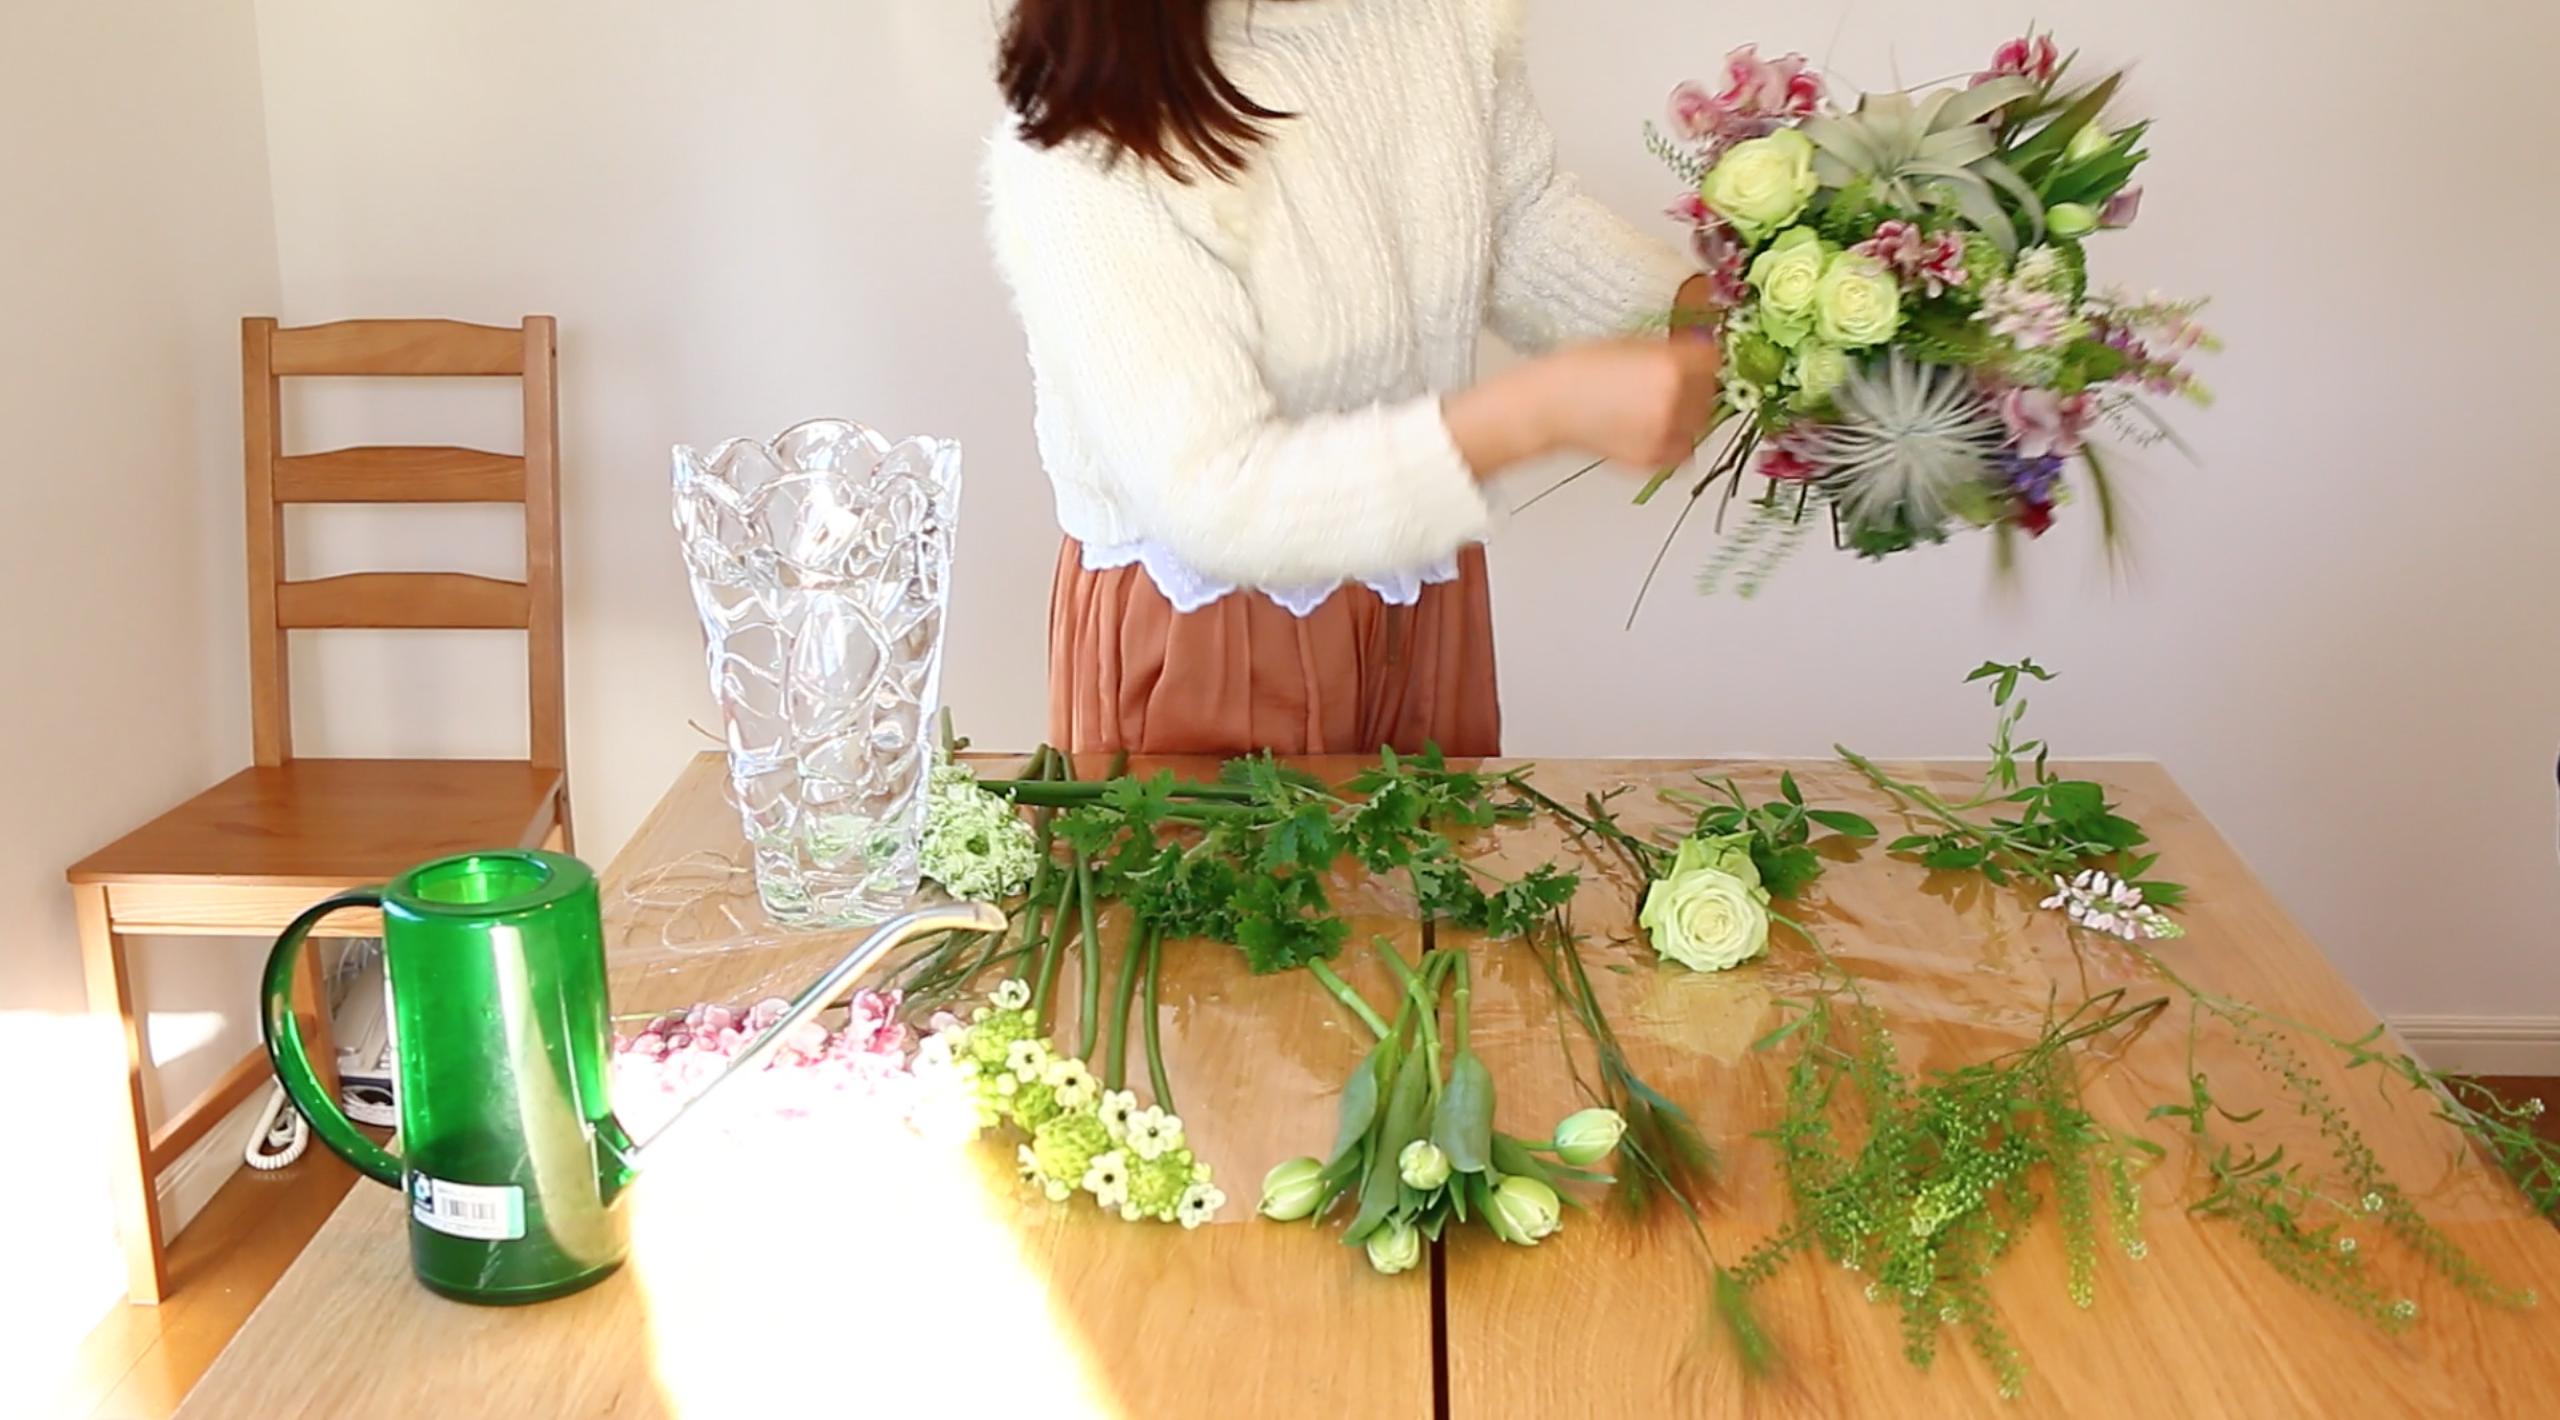 少し段差をつけたり、同じ花材で一か所に固めたり(グルーピング)するとブーケに動きが出てきますね。